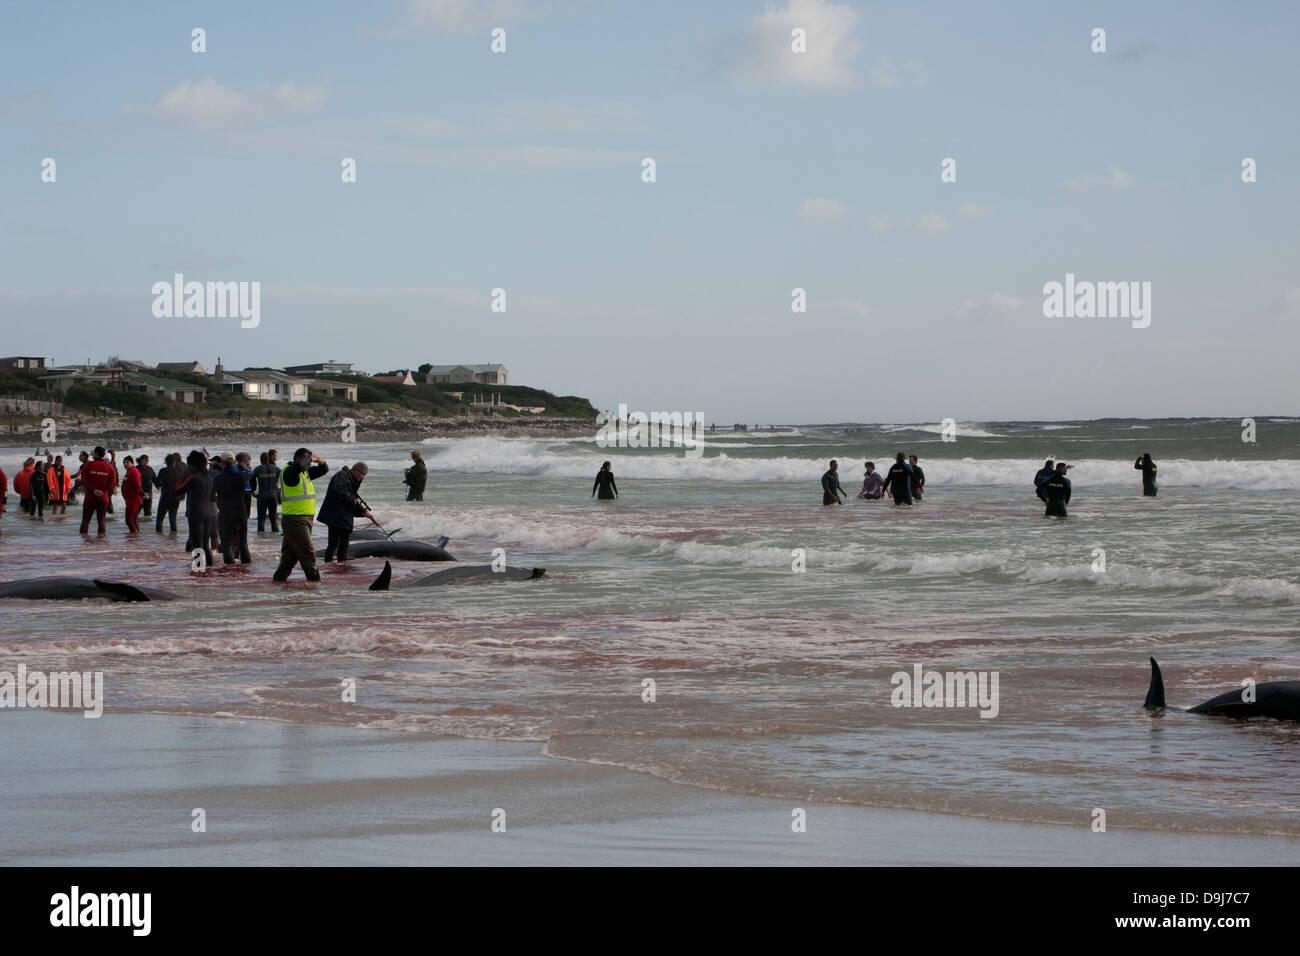 Im Jahr 2009 strandeten Pod falsche Killerwale sich selbst auf mysteriöse Weise Küstenlinie Süden Stockbild